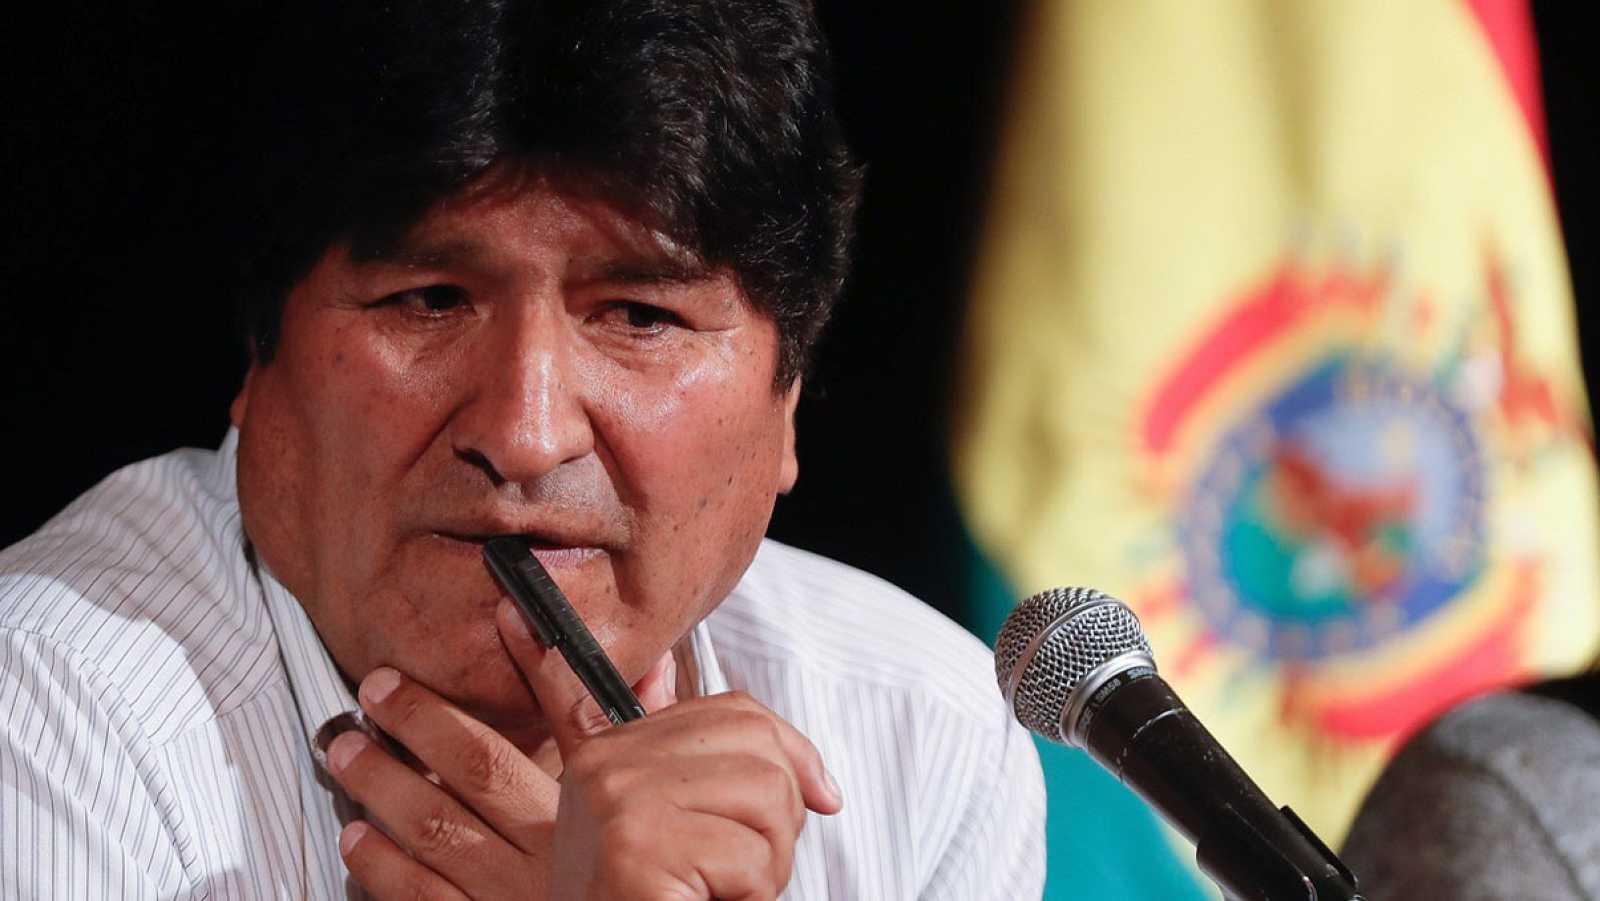 El expresidente de Bolivia Evo Morales durante una rueda de prensa en Buenos Aires (Argentina). EFE/Juan Ignacio Roncoroni